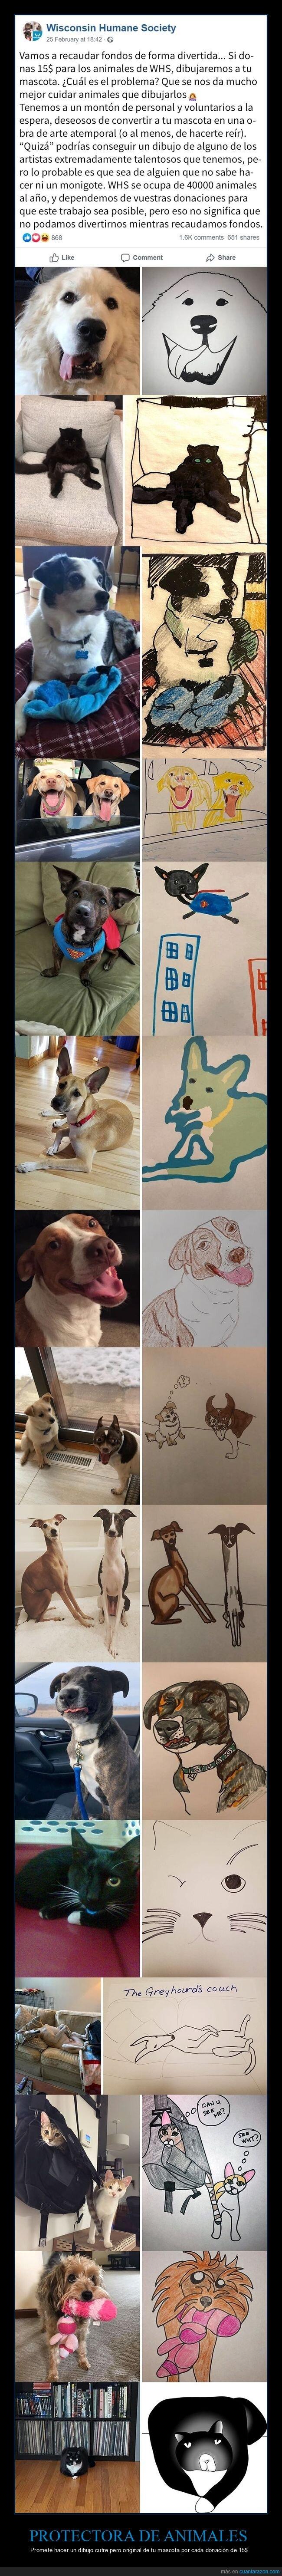 animales,dibujos,donaciones,protectora